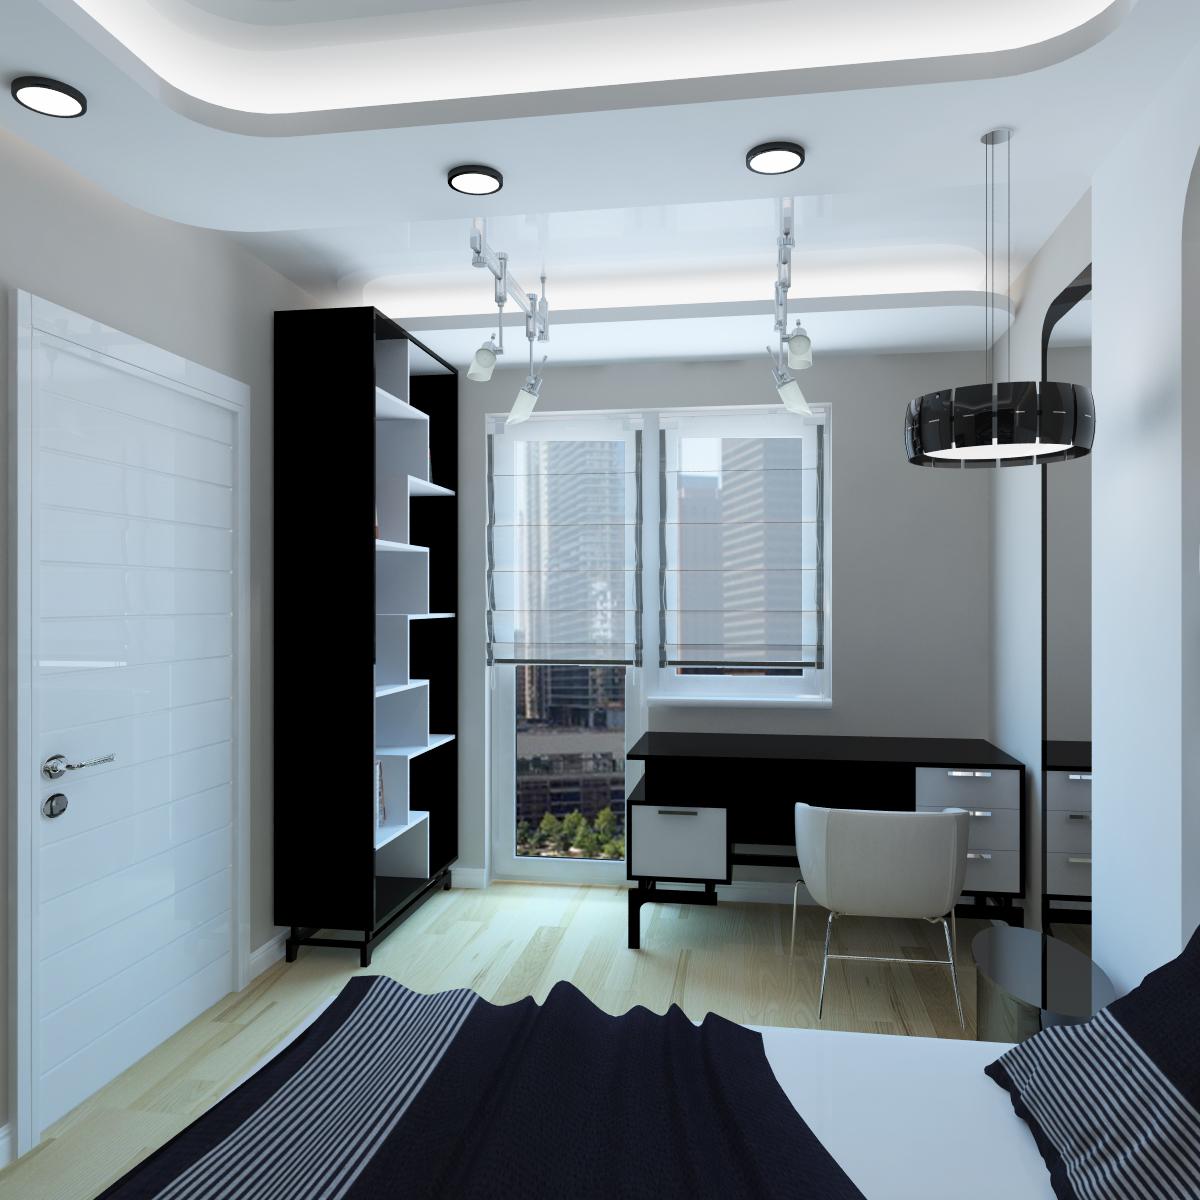 Люстра и точечные светильники в интерьере спальни с рабочим местом в стиле хай-тек